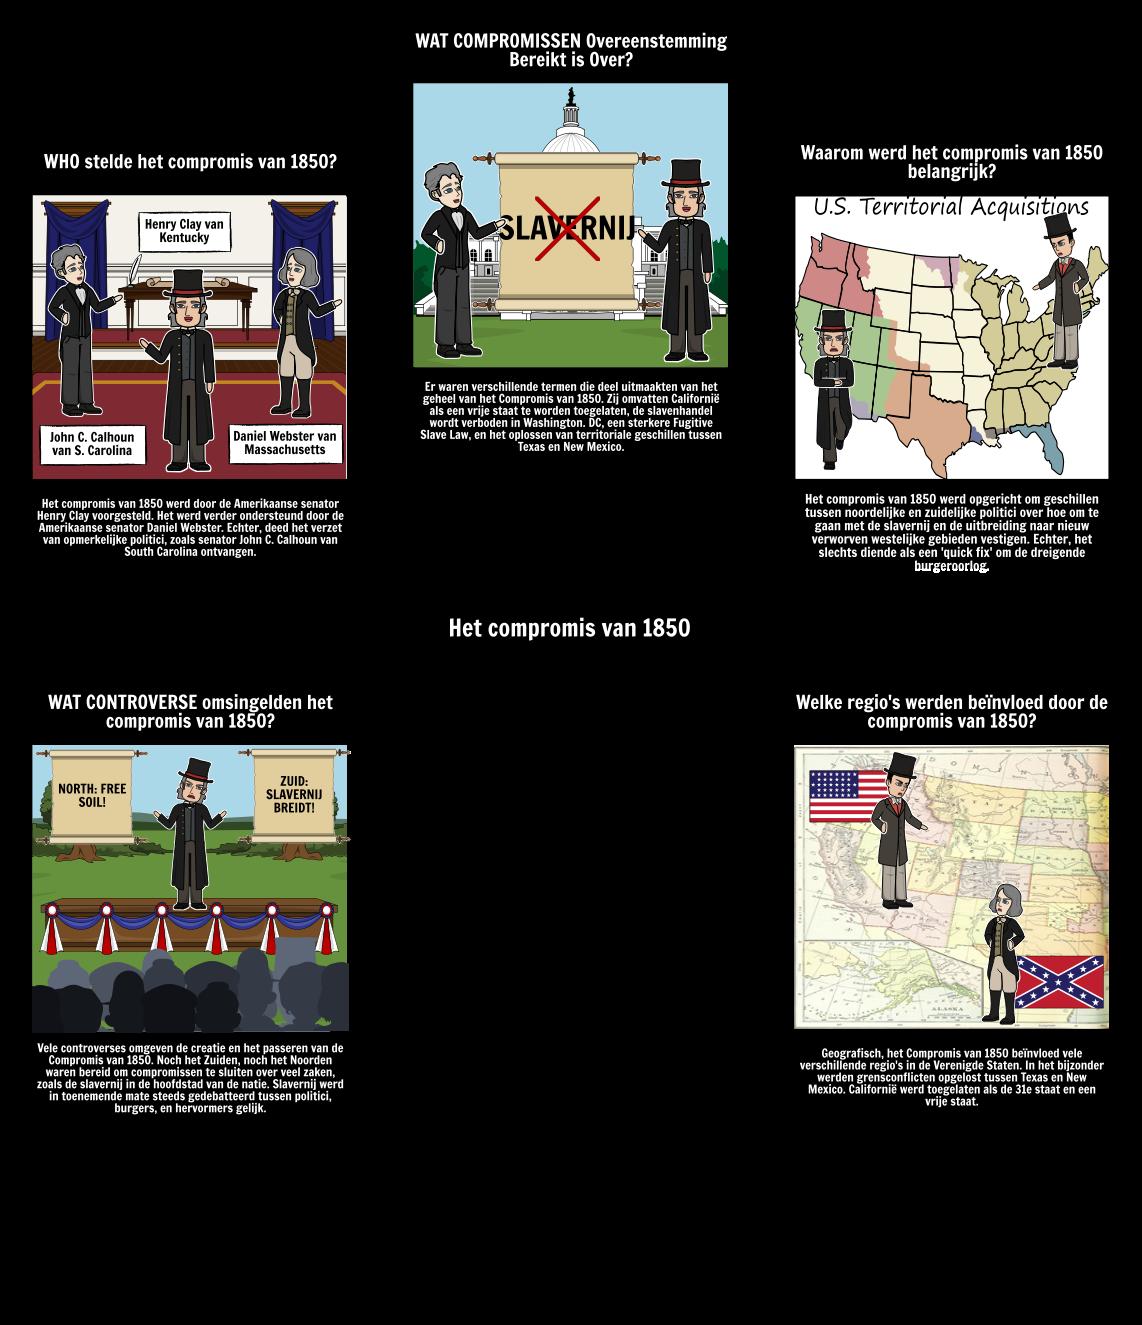 1850s Amerika - Het compromis van 1850